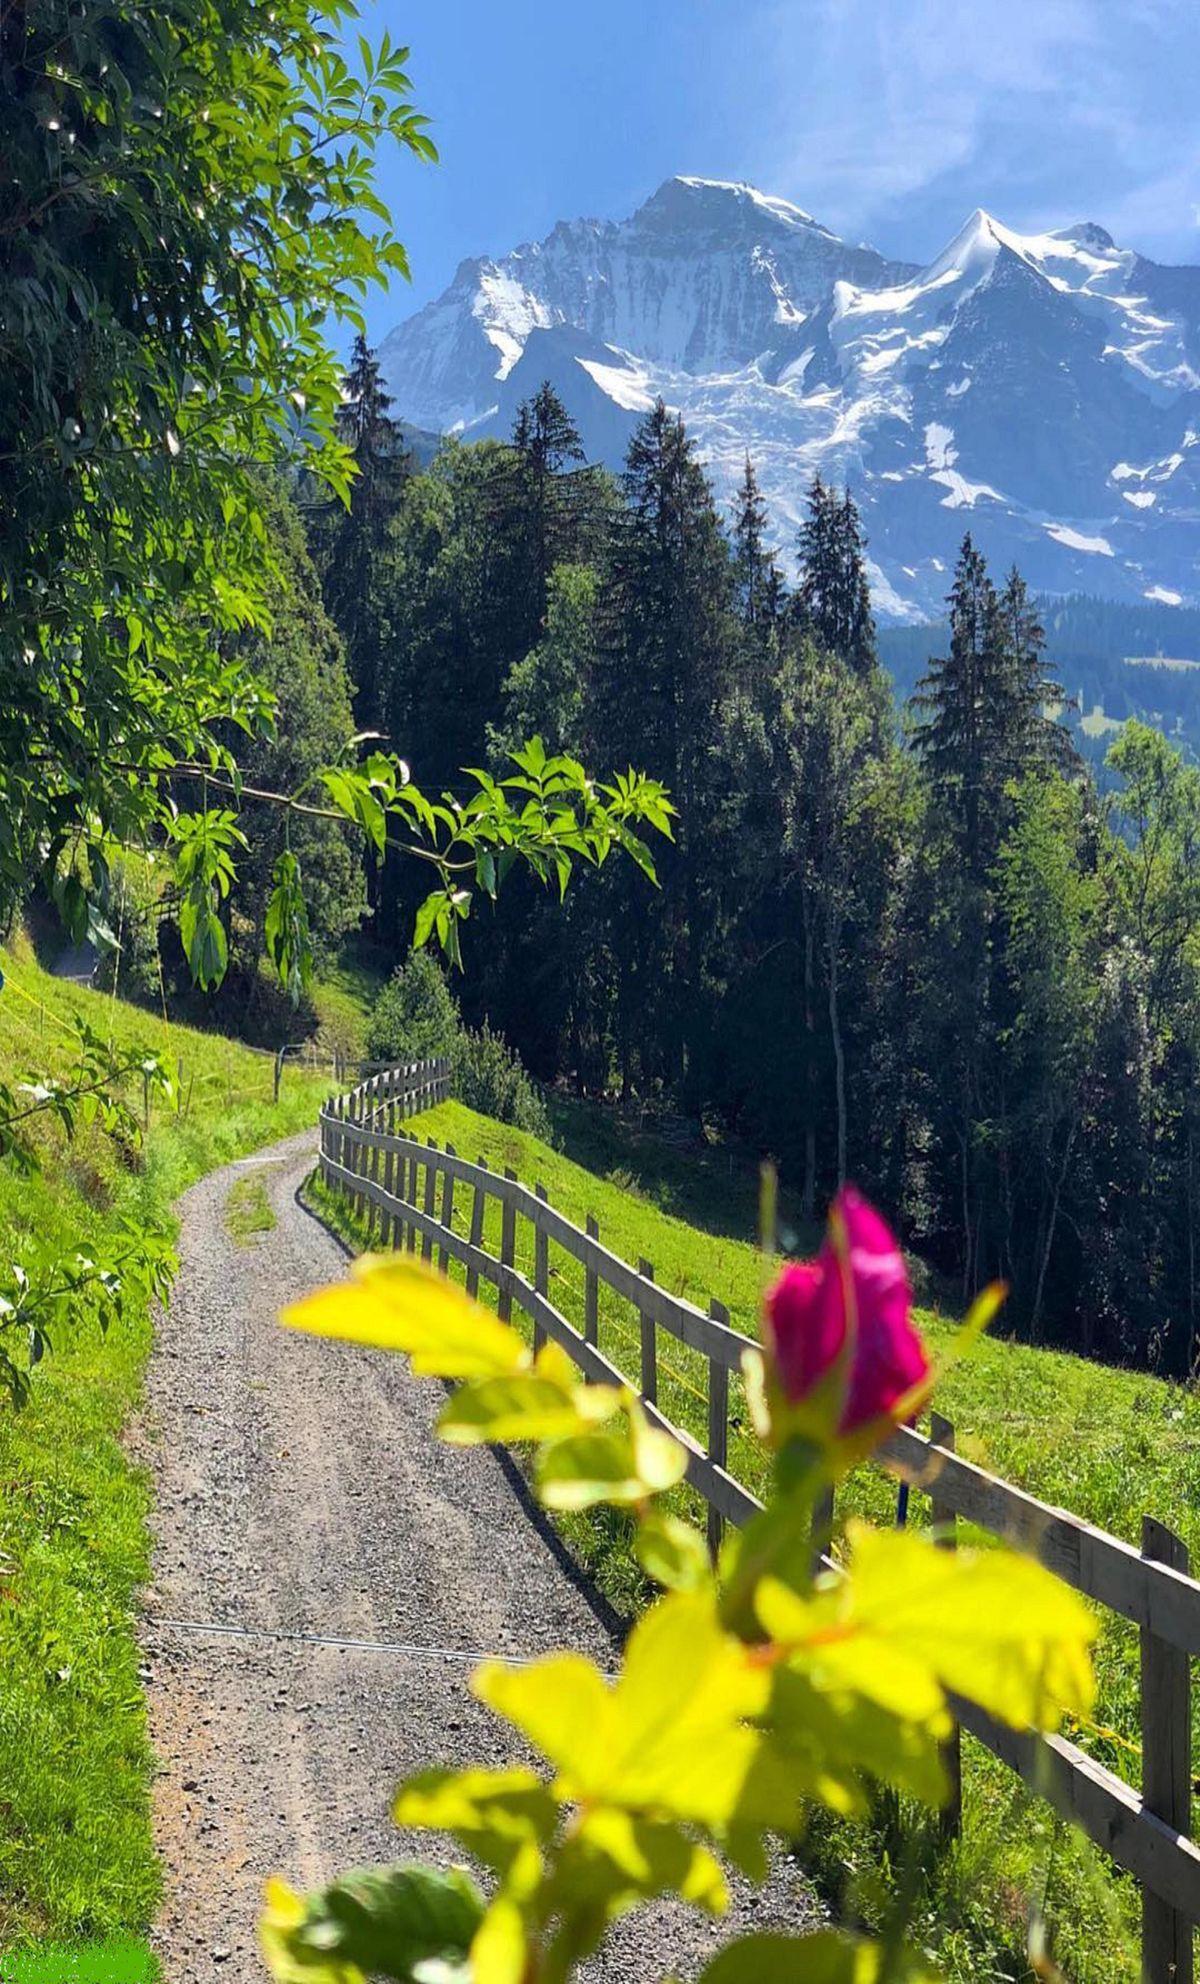 la nature  nous offre de belles images  certainement les quatre saisons profitons  ont